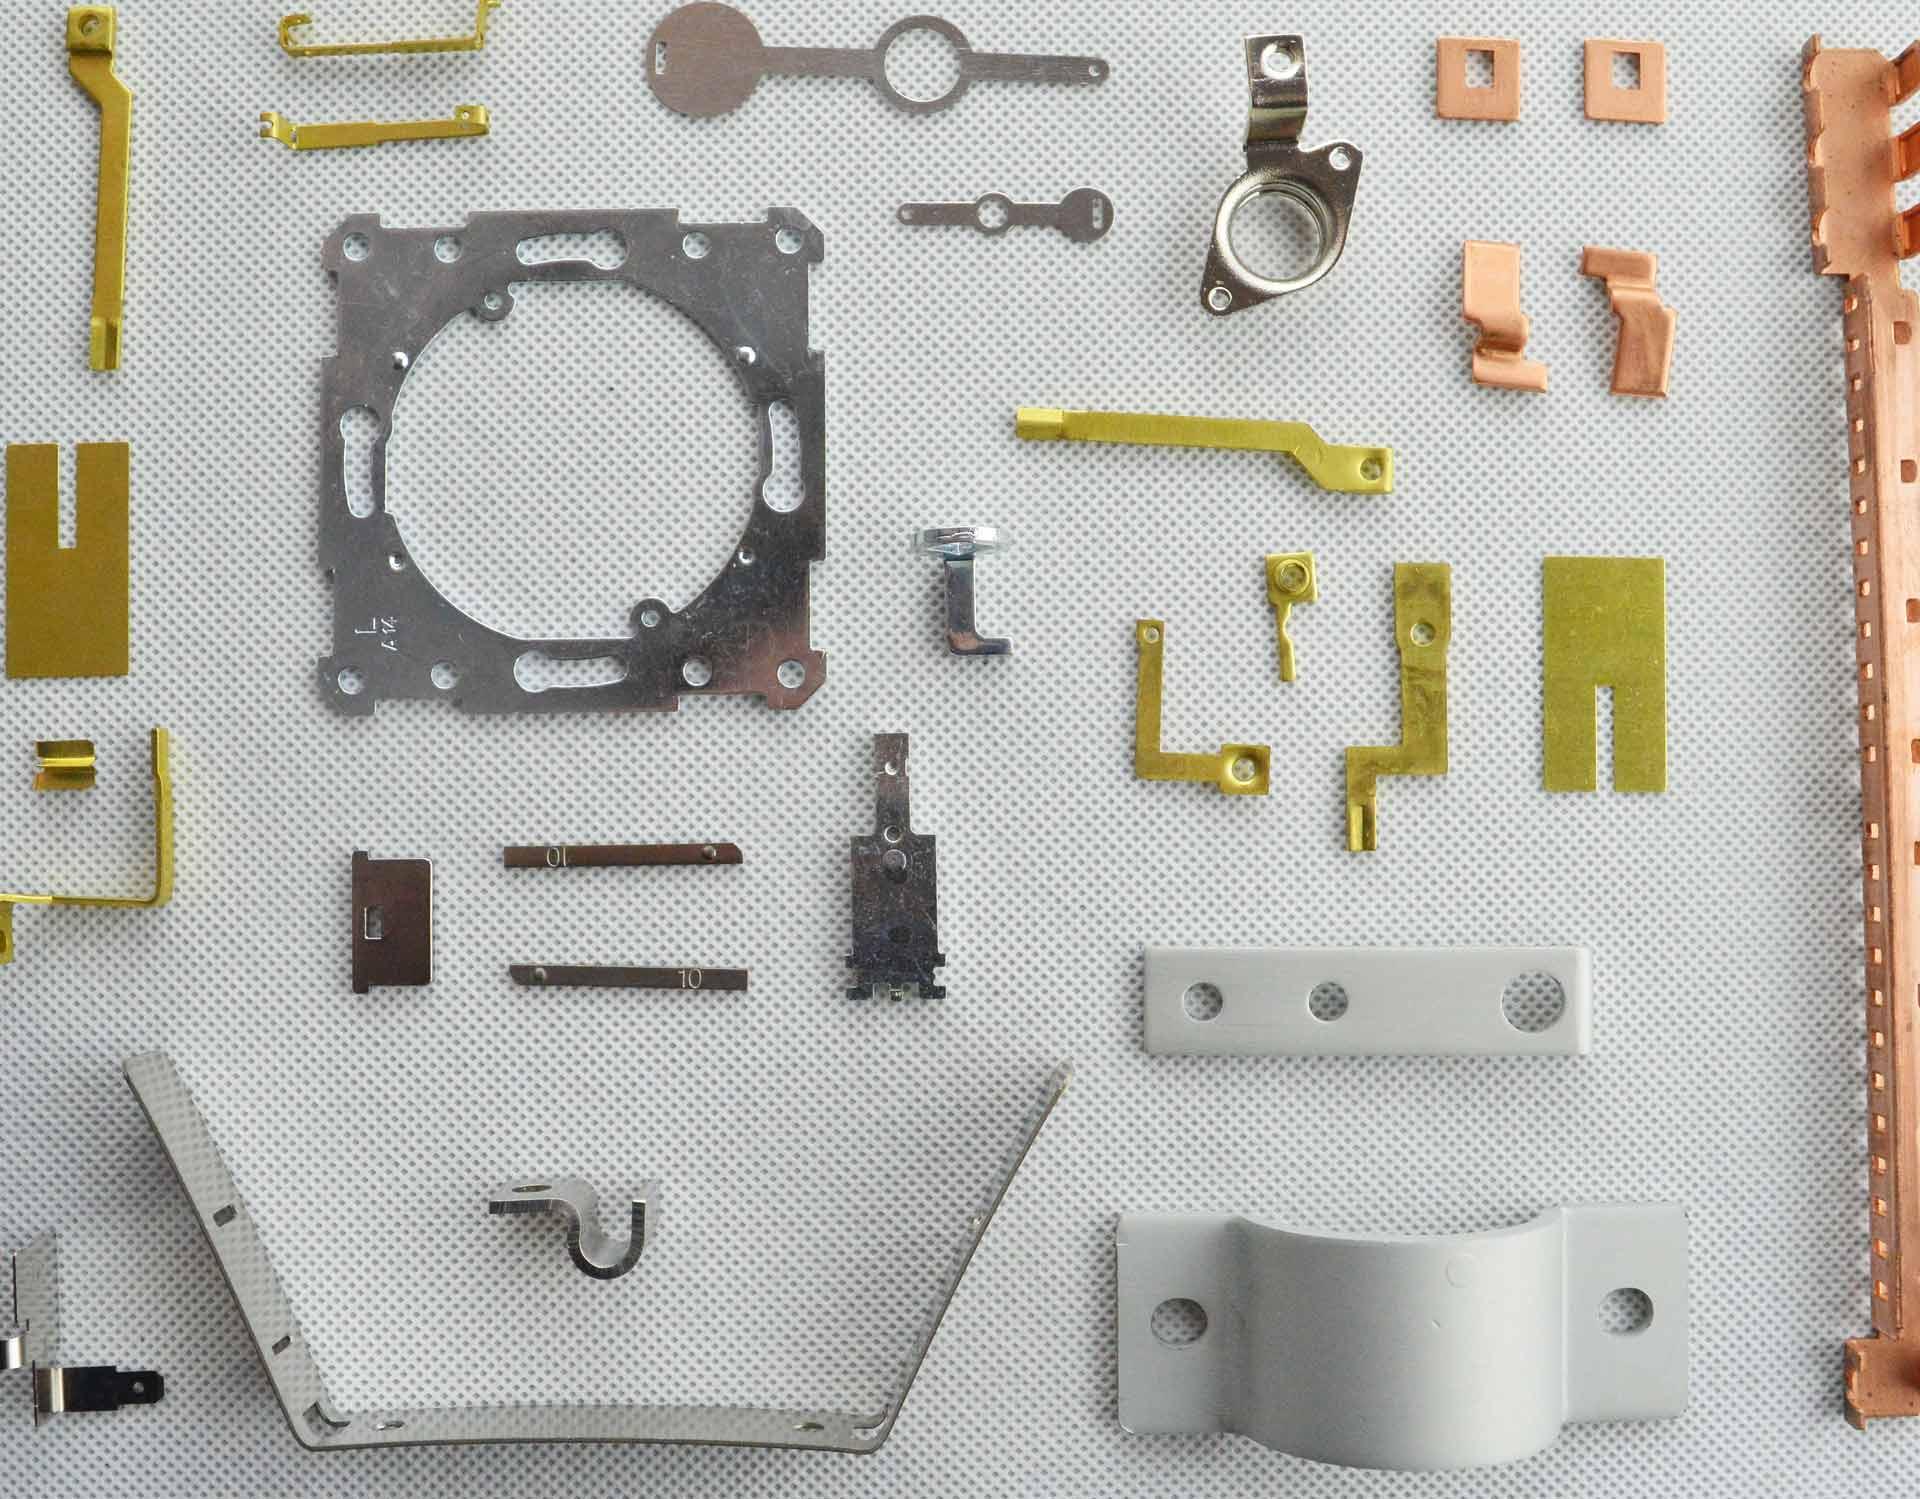 scm-minuterie-metalliche-prodotti-vari4